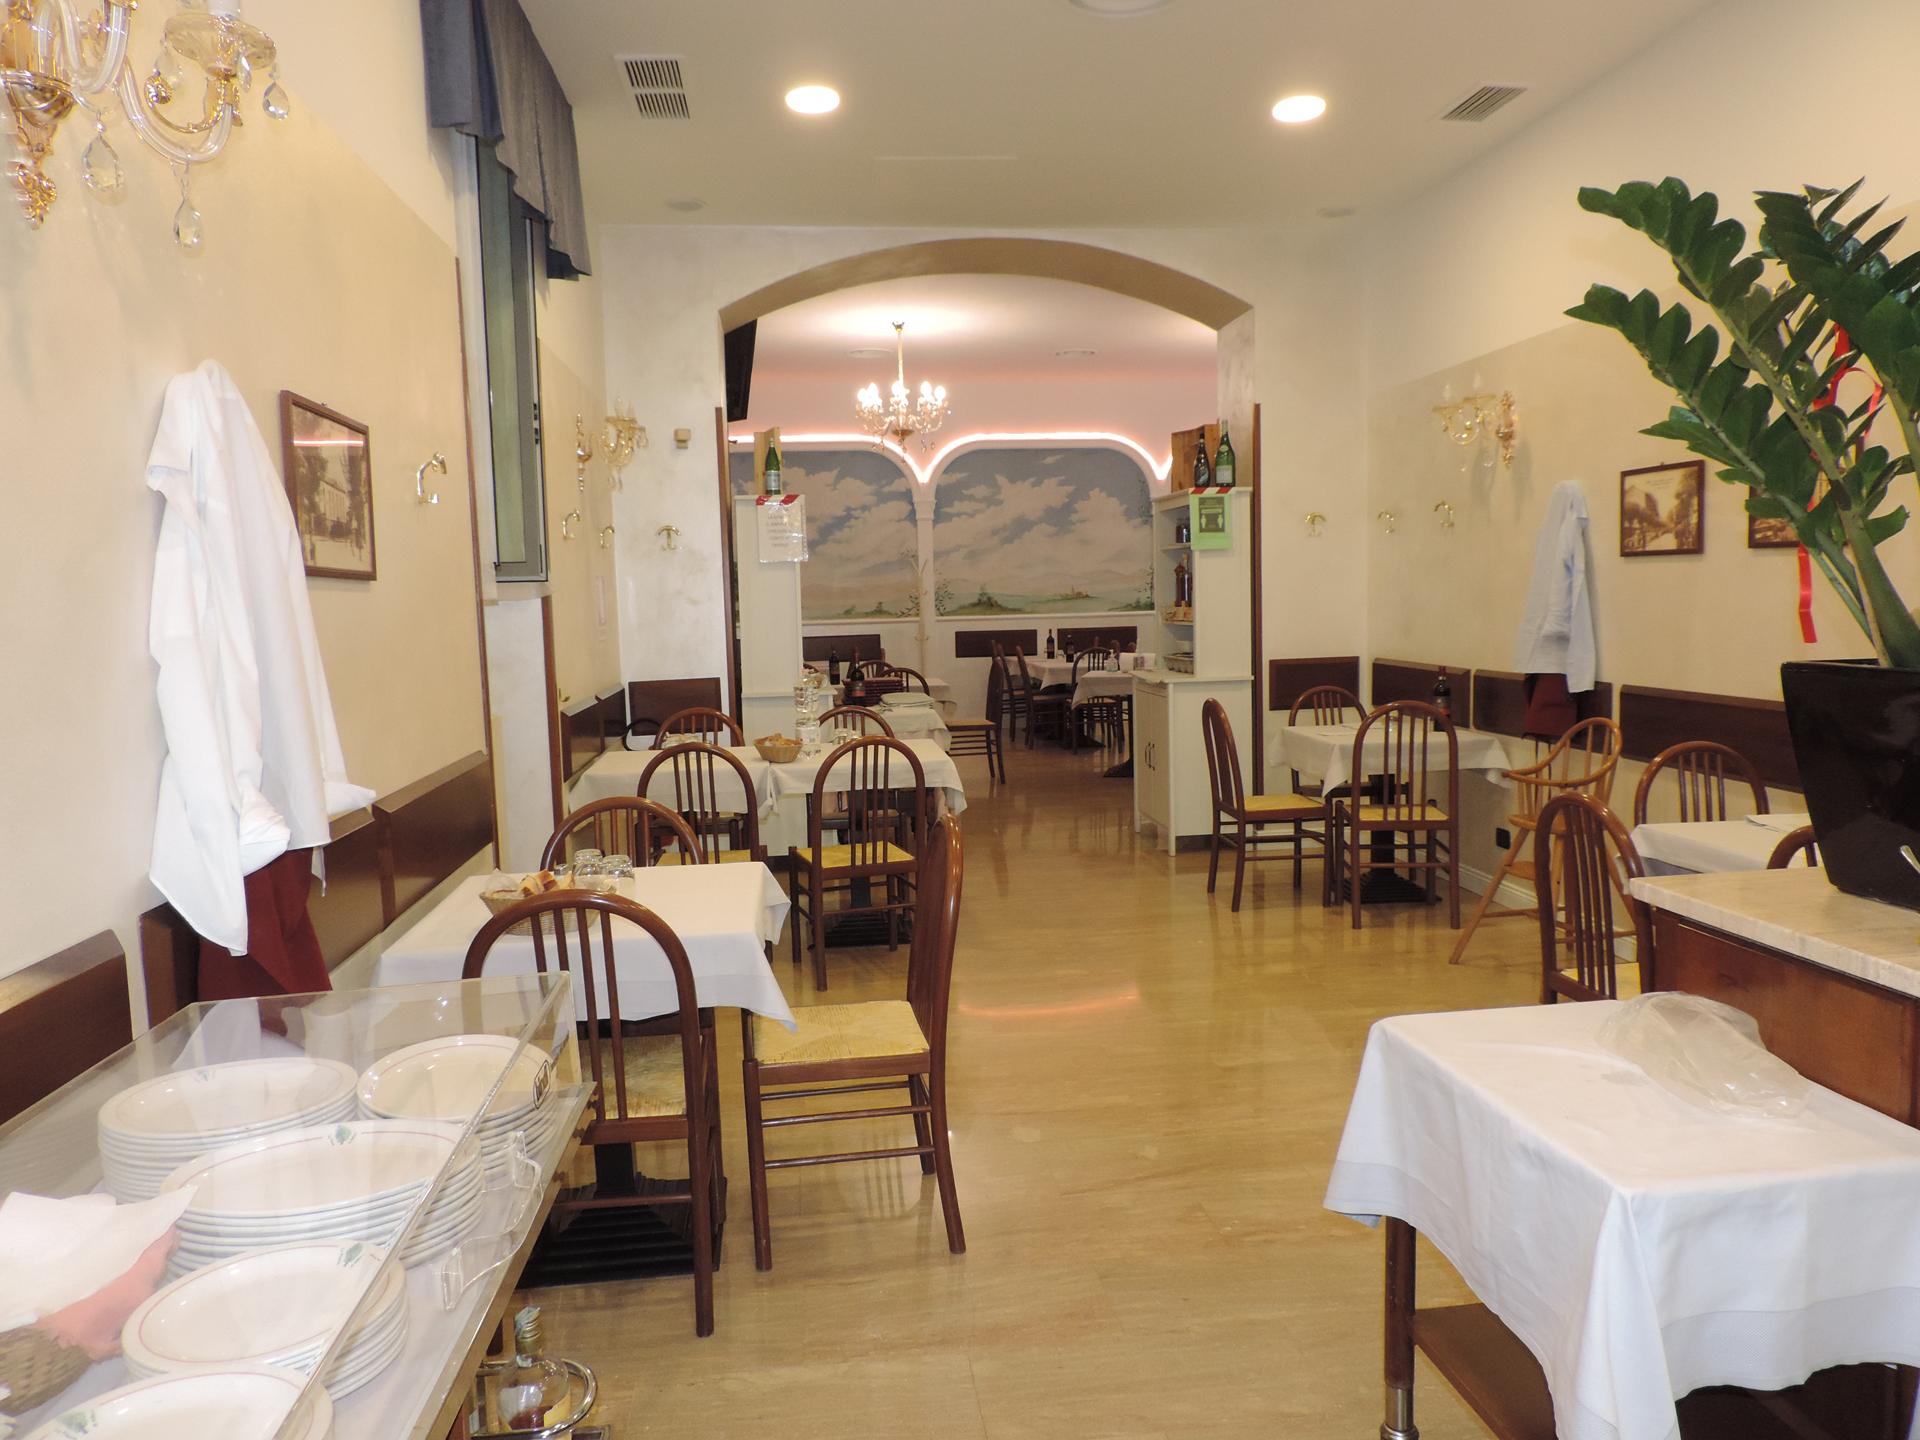 Ristorante-La-Pianta-di-Affori_www.milanomia2.com (11)